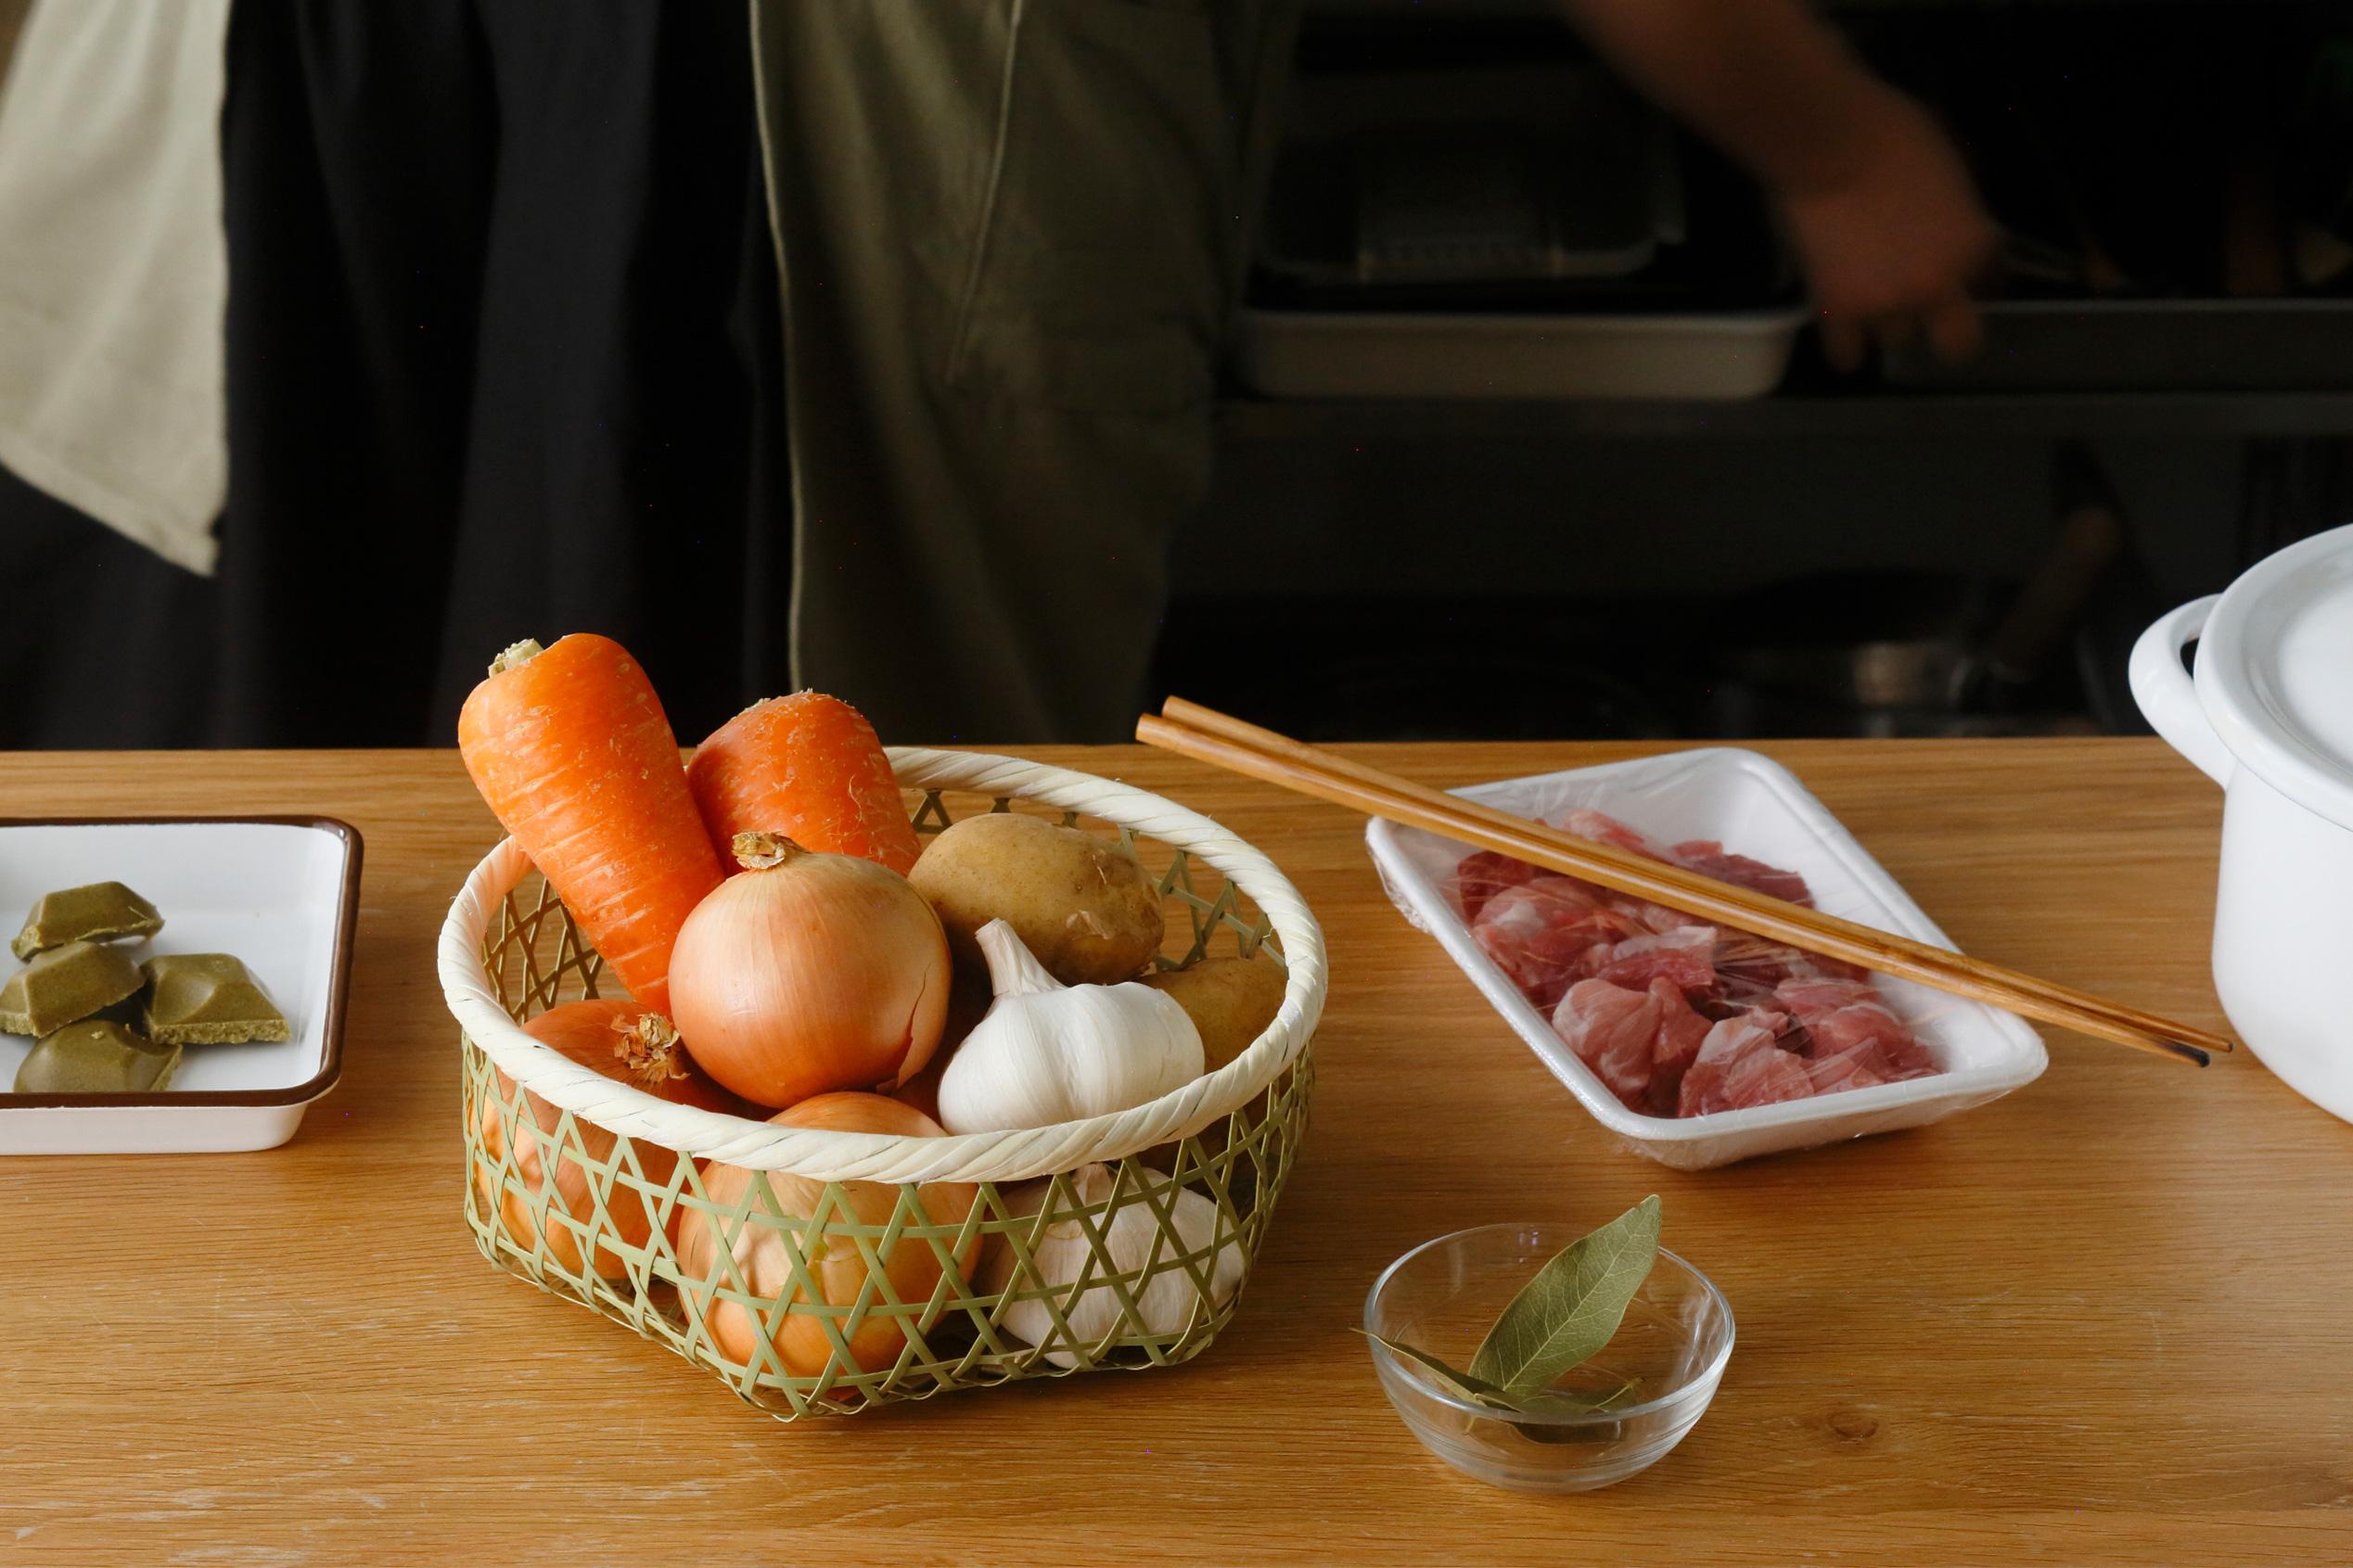 今日のごはんで使う野菜の一時置き場所に。